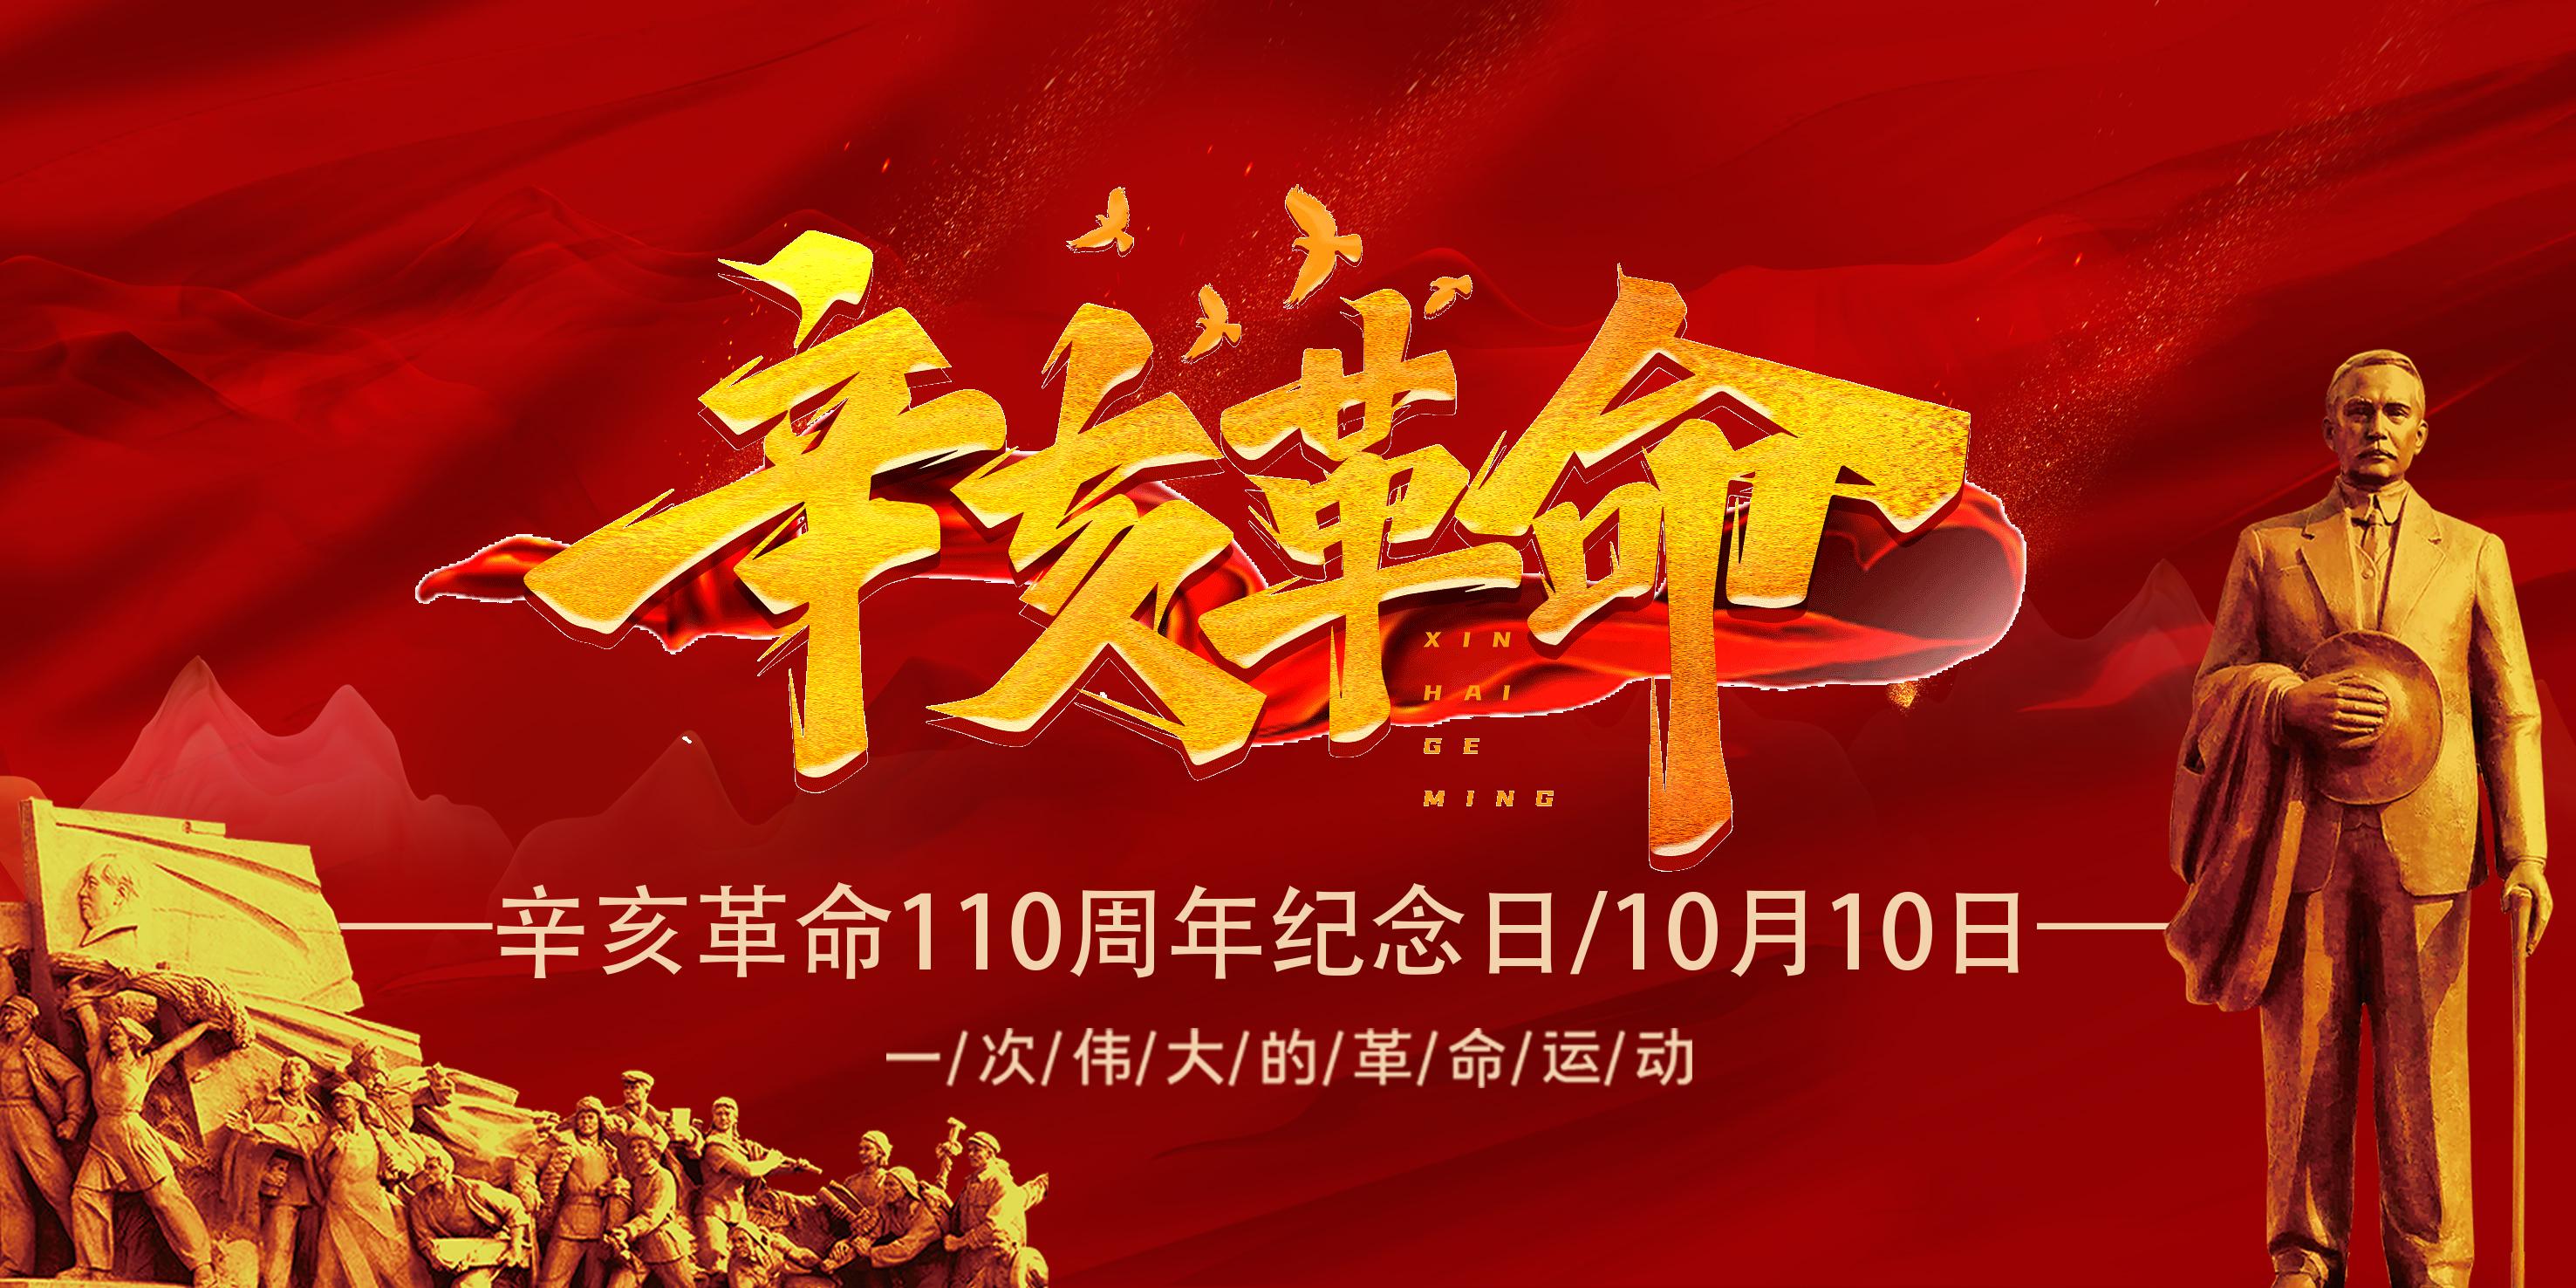 辛亥革命110周年纪念日